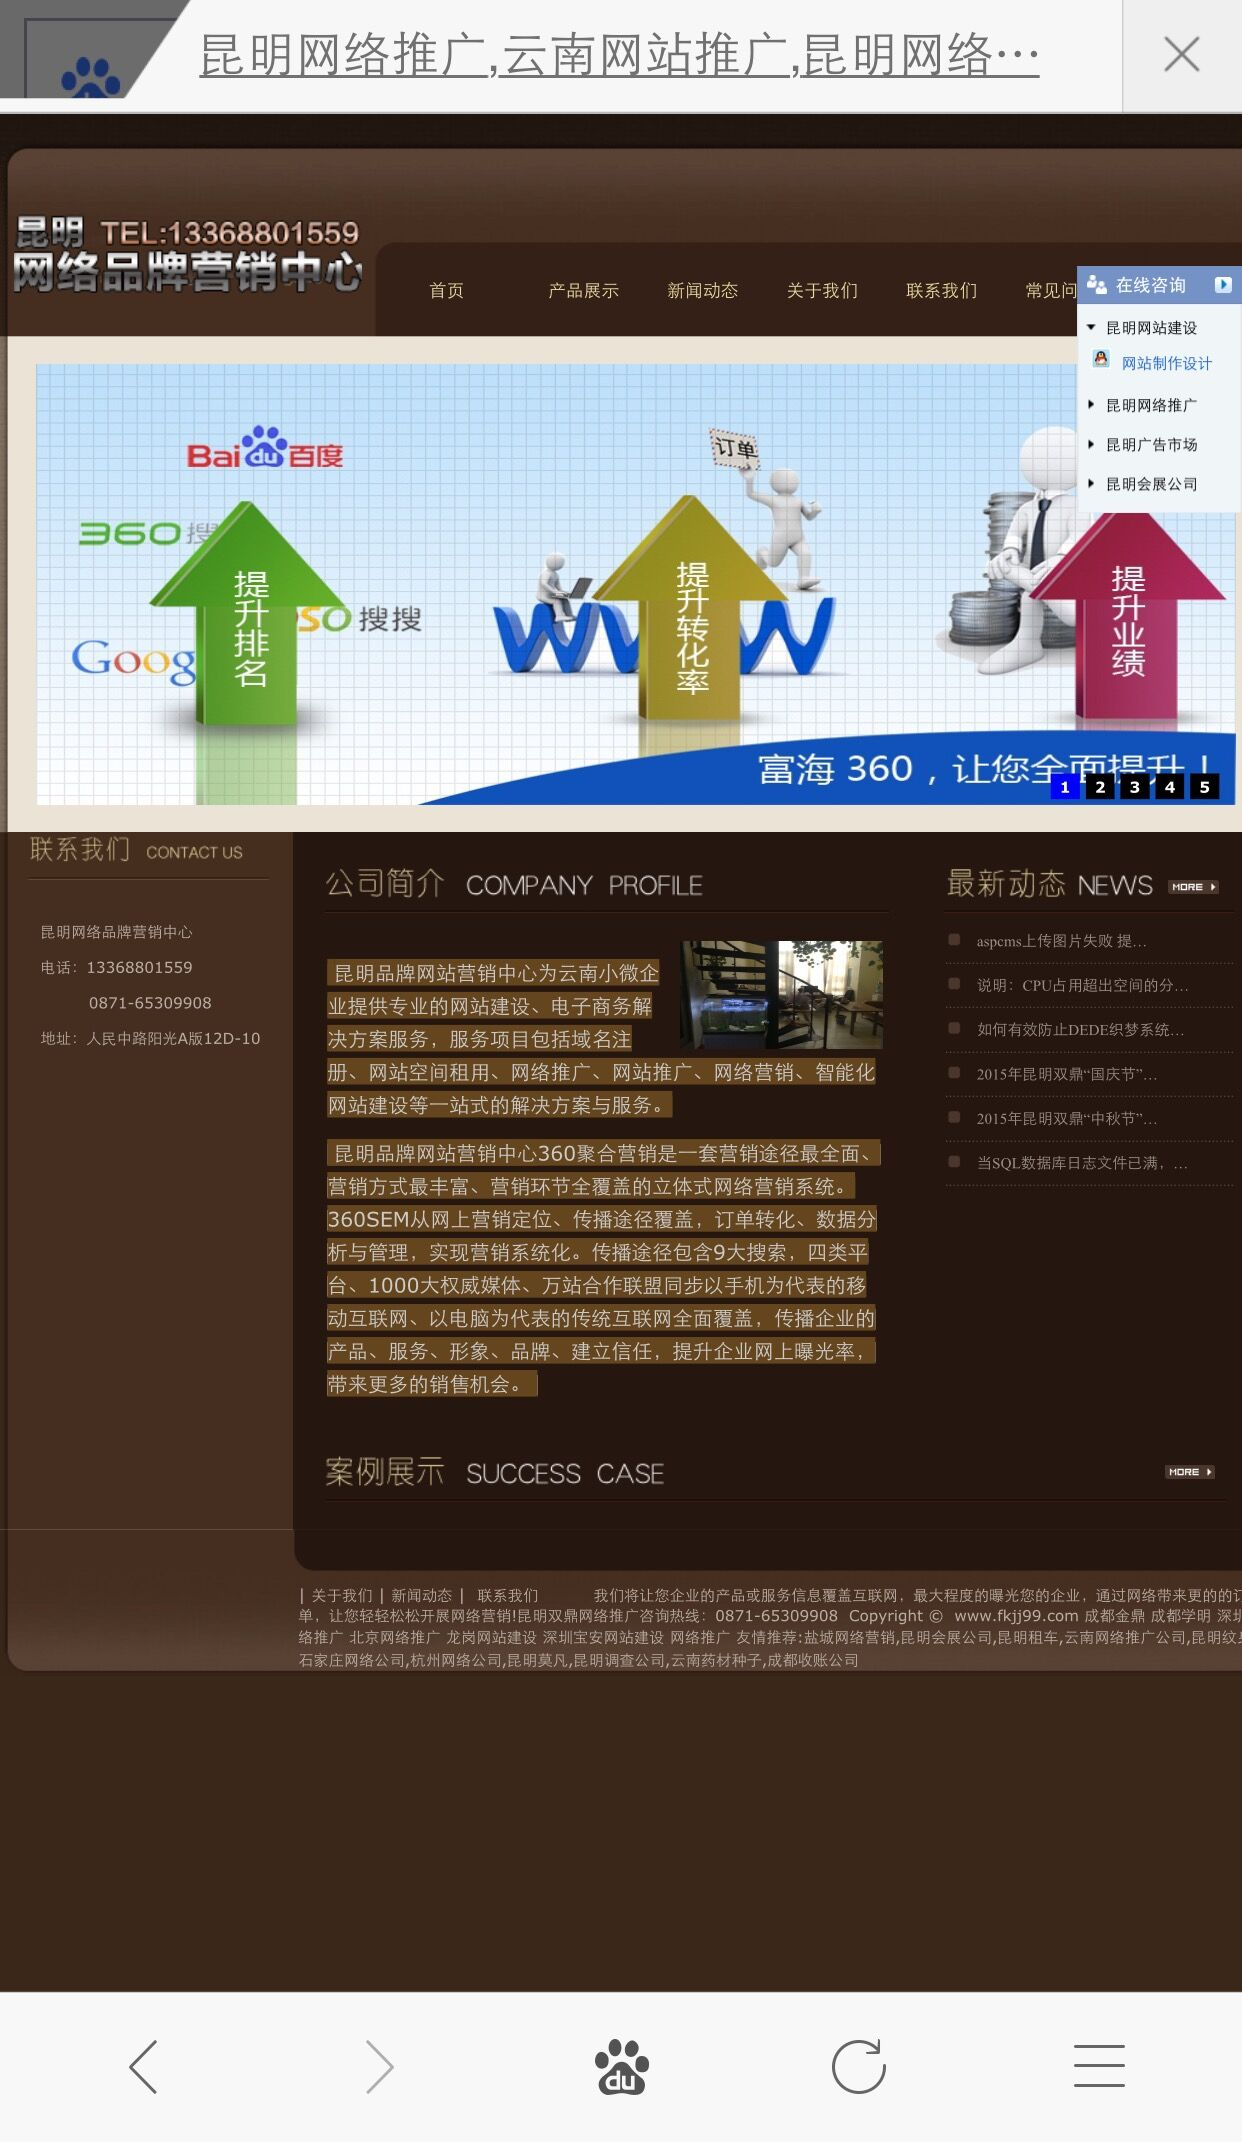 昆明网络推广公司手机端网站制作与富海360合作效果显著